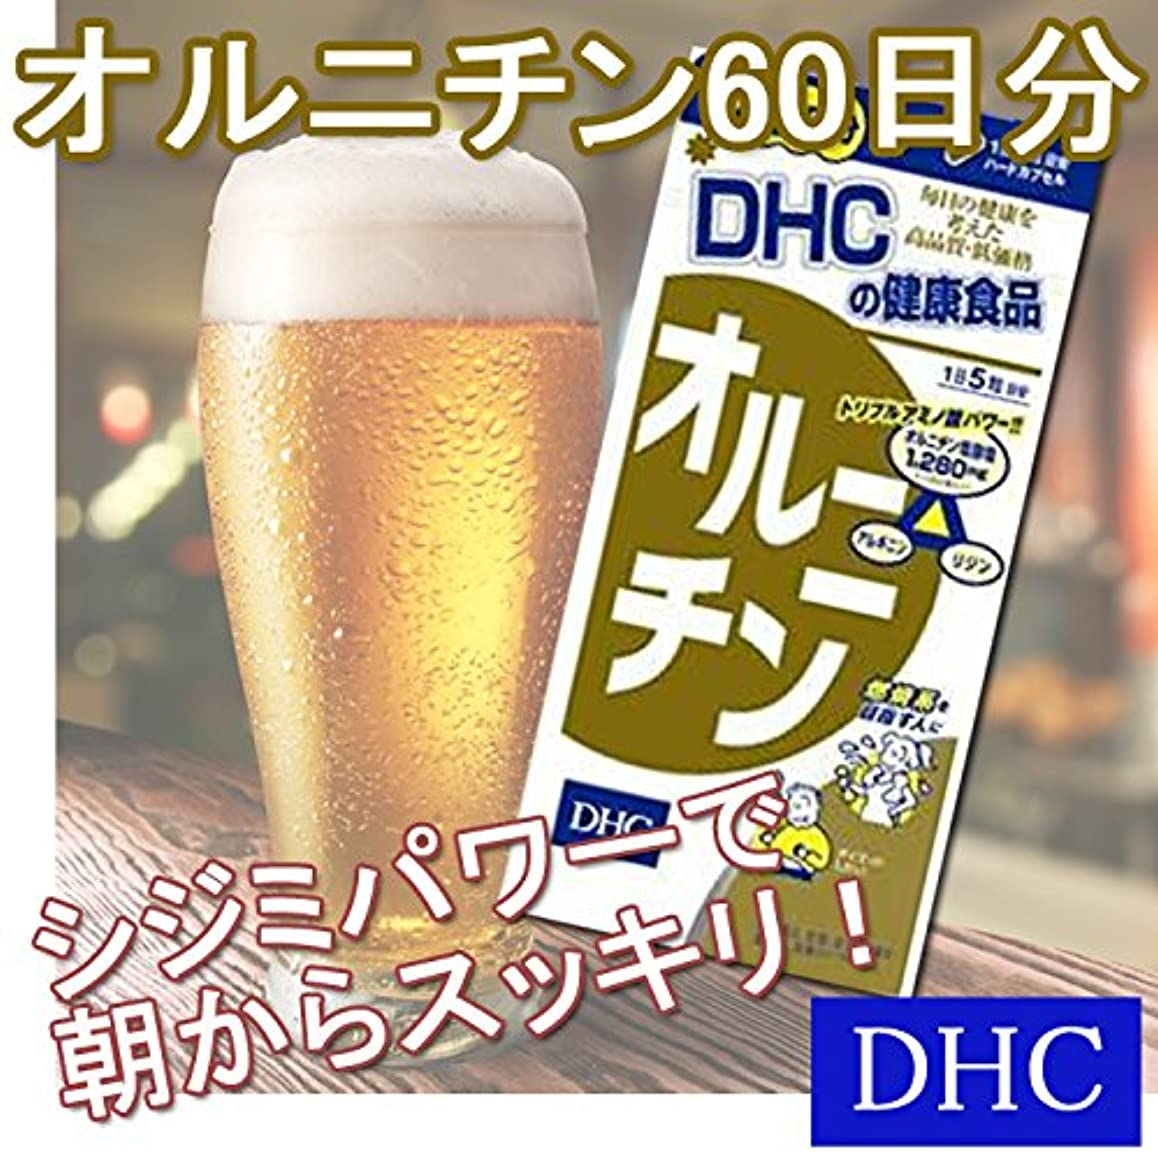 マイル肉腫時計DHC オルニチン 60日分 300粒 サプリメント シジミエキス